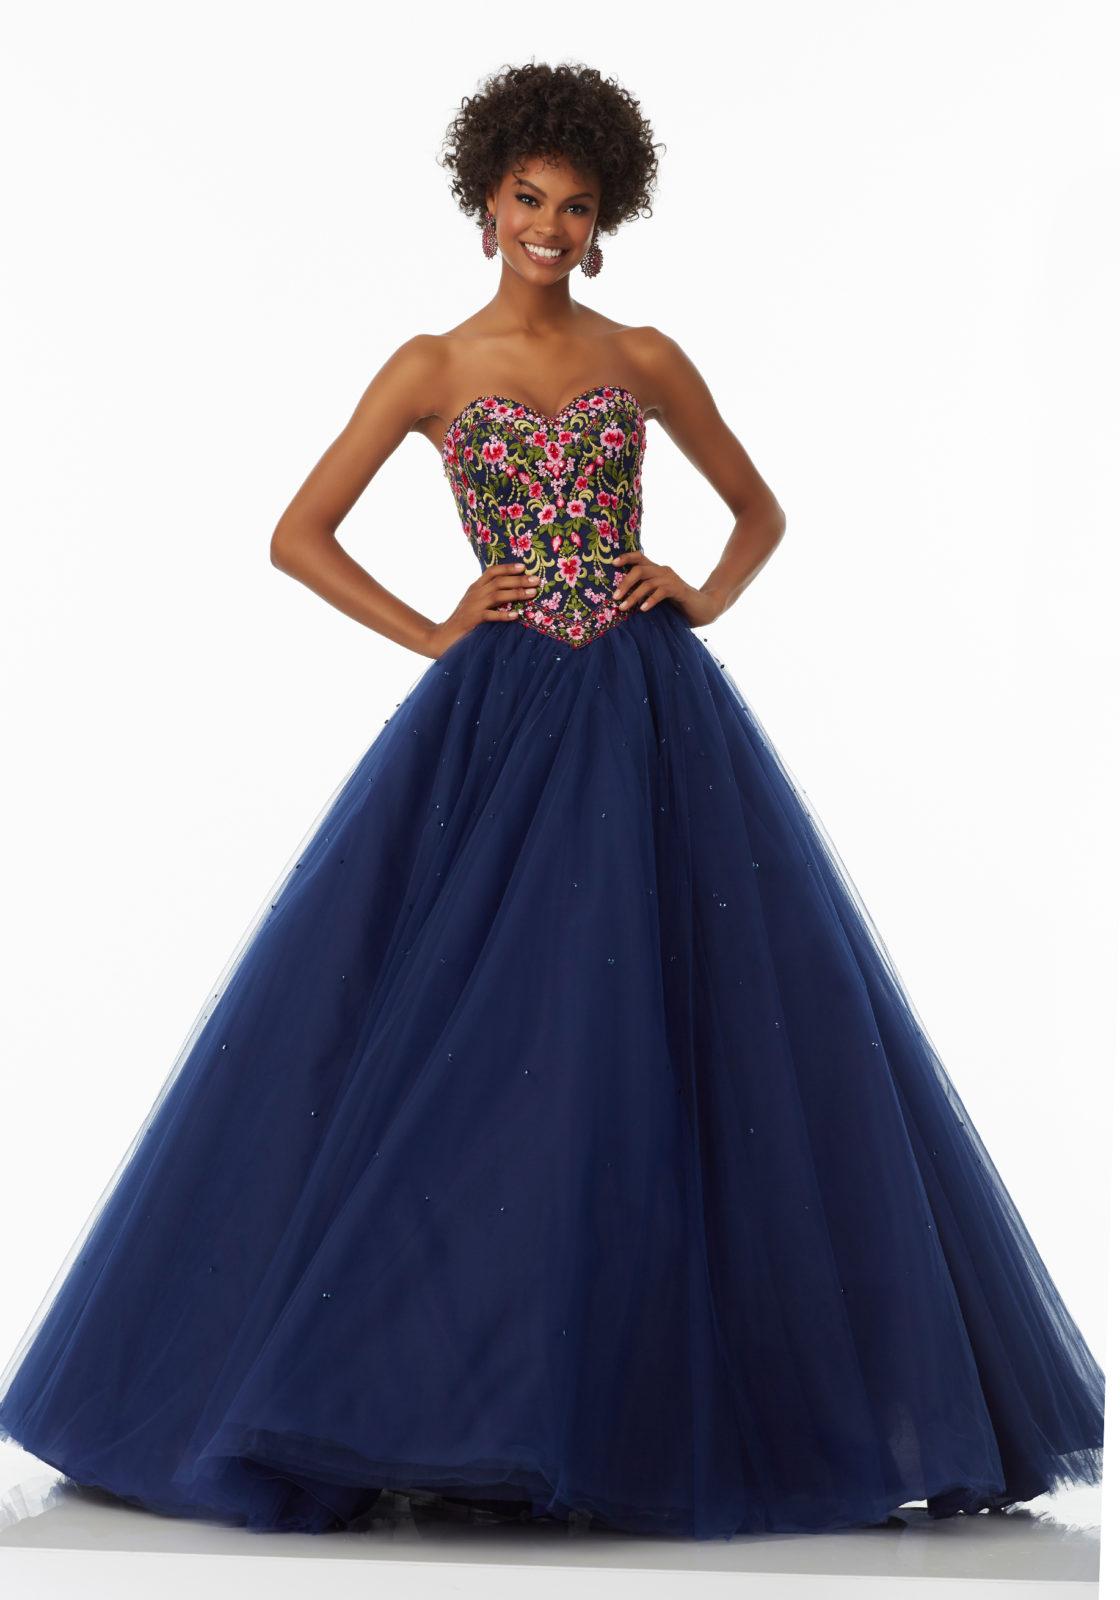 Un vestido con mucho volumen y gran belleza